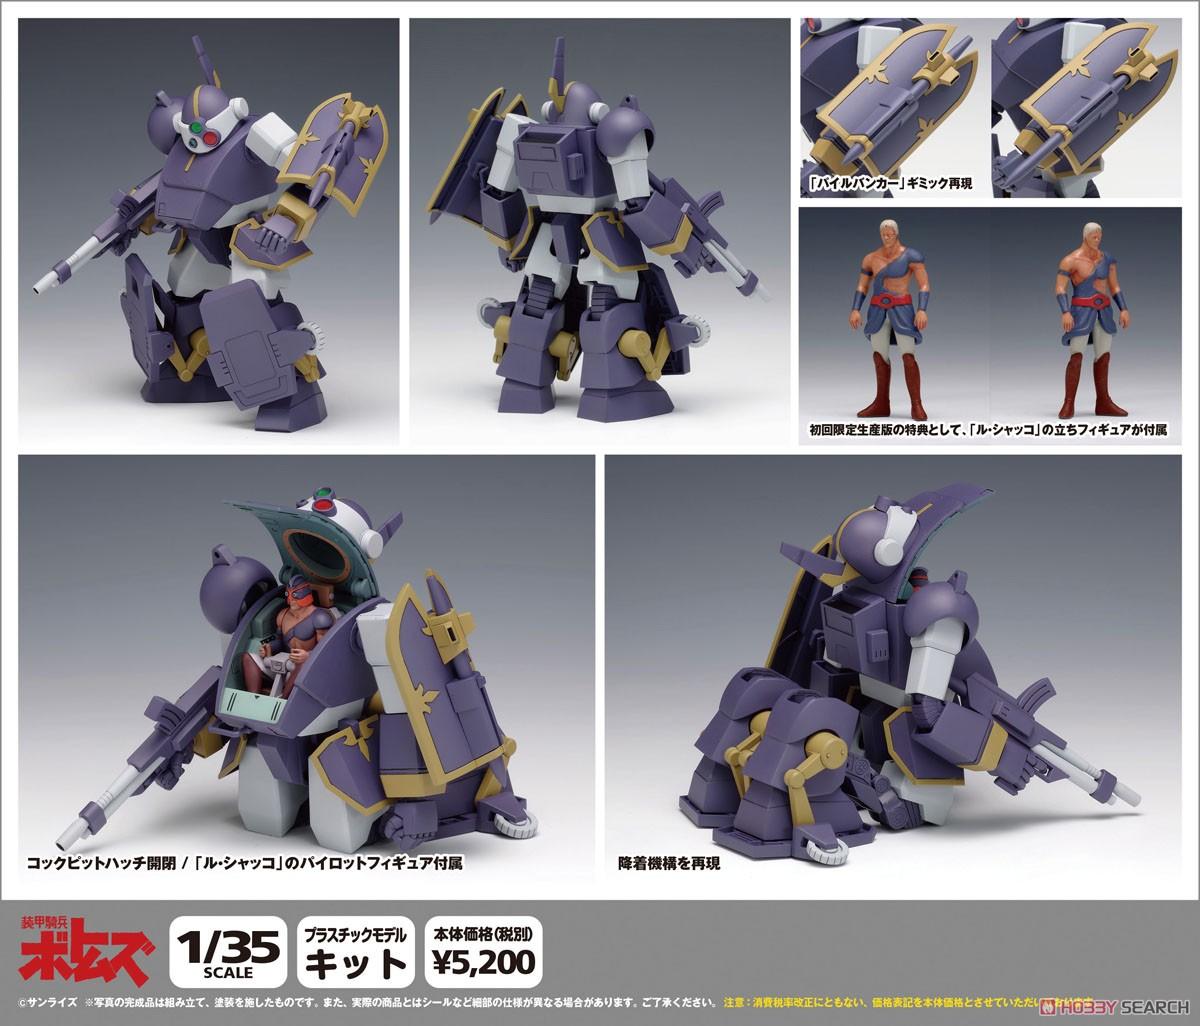 装甲騎兵ボトムズ『ベルゼルガWP[PS版]初回限定生産版』1/35 プラモデル-014